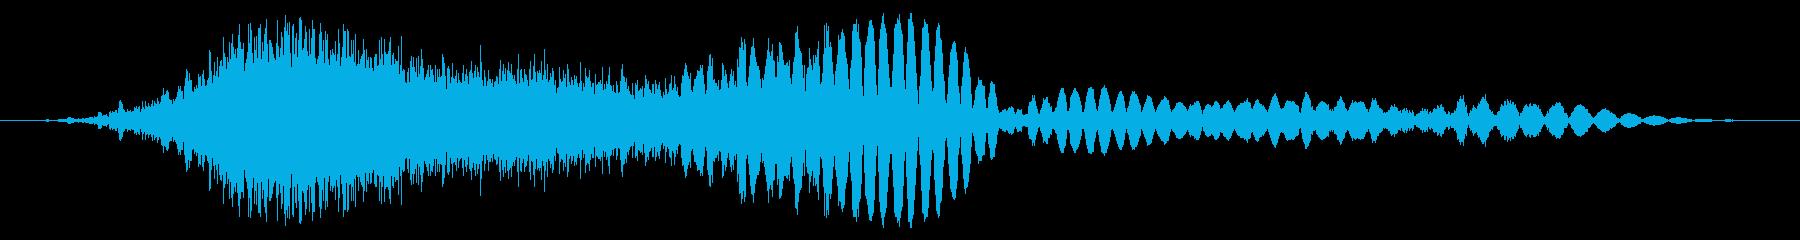 感電フーの再生済みの波形